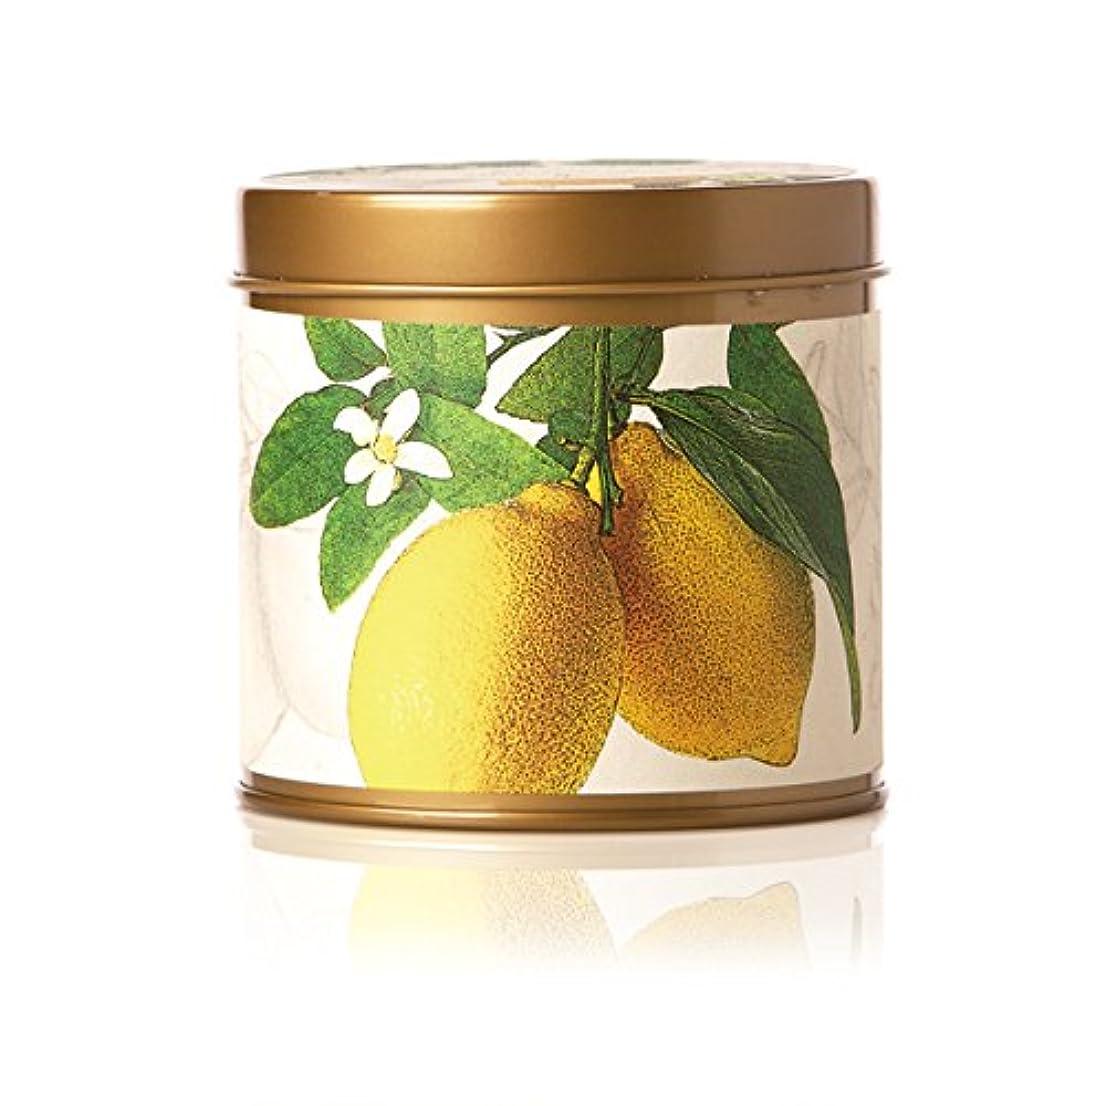 猫背リスト幾何学ロージーリングス ティンキャンドル レモンブロッサム&ライチ ROSY RINGS Signature Tin Lemon Blossom & Lychee